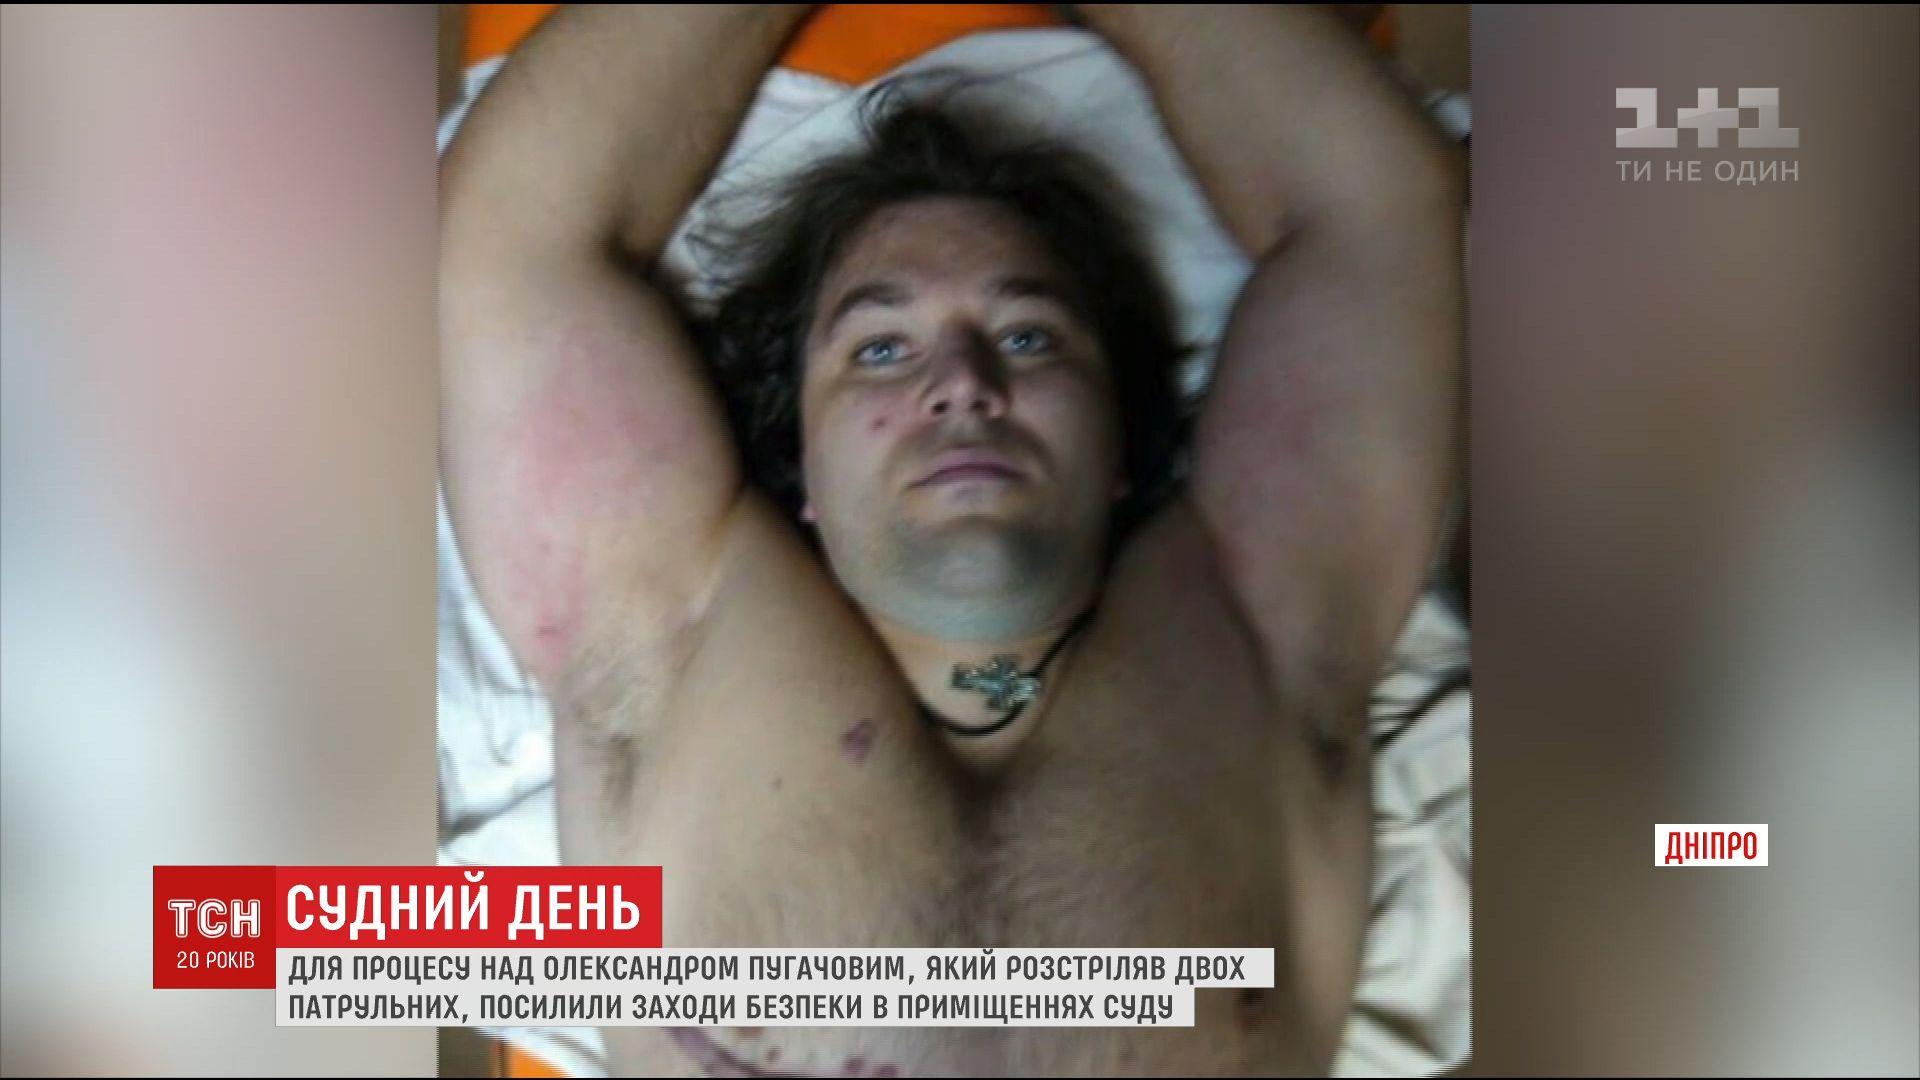 ВДнепре начался суд поделу Пугачева, подозреваемого вубийстве 2-х полицейских